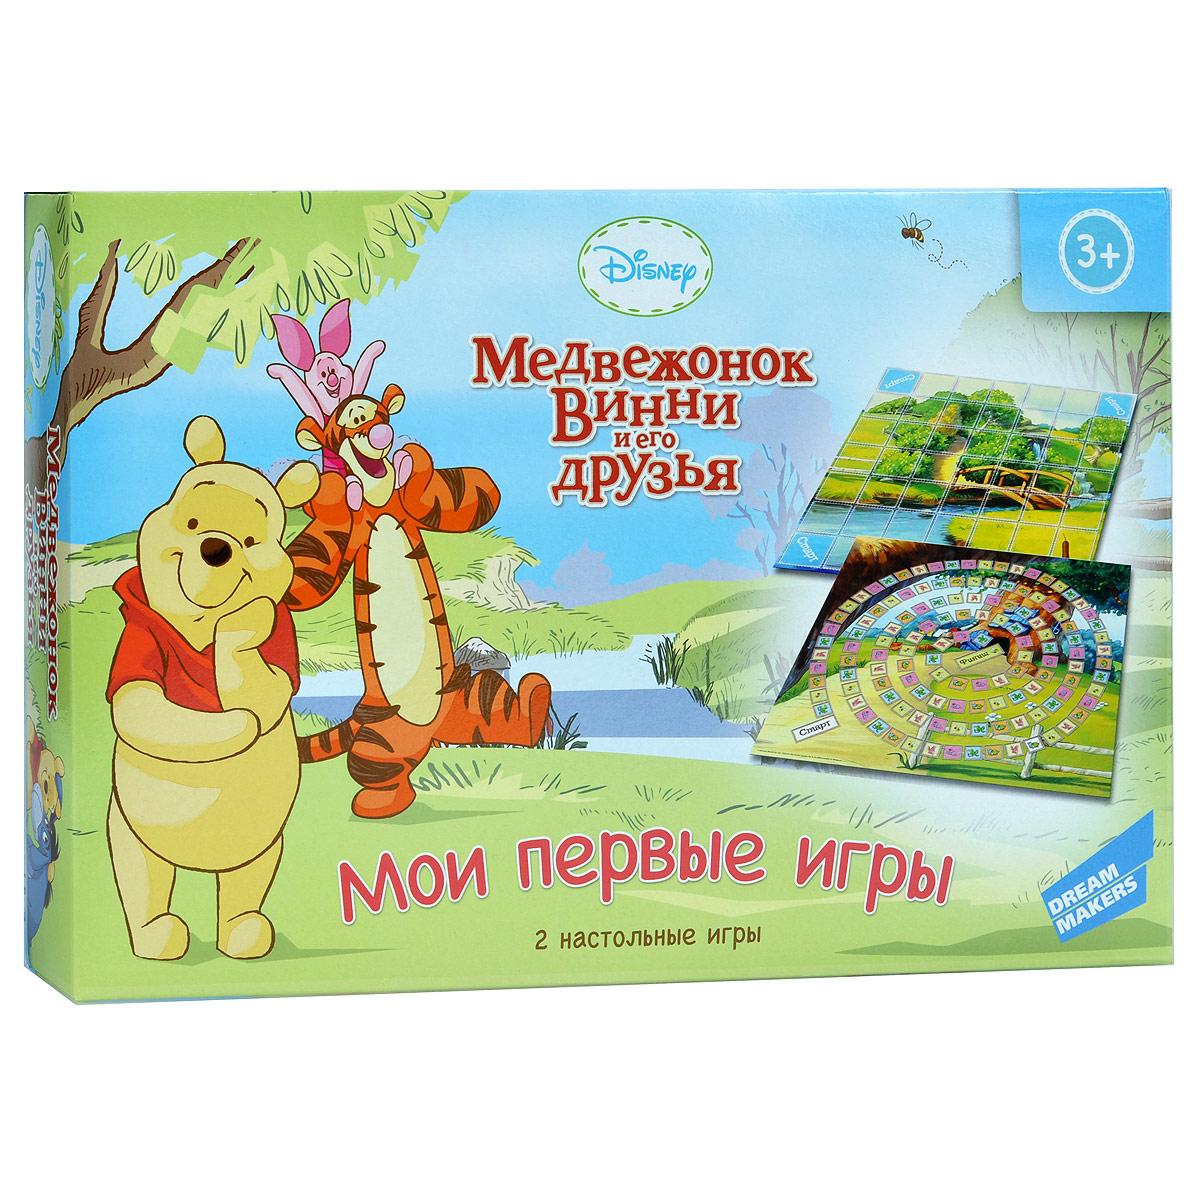 Winnie the Pooh Обучающая игра Медвежонок Винни и его друзья Мои первые игры 2 в 1  - купить со скидкой